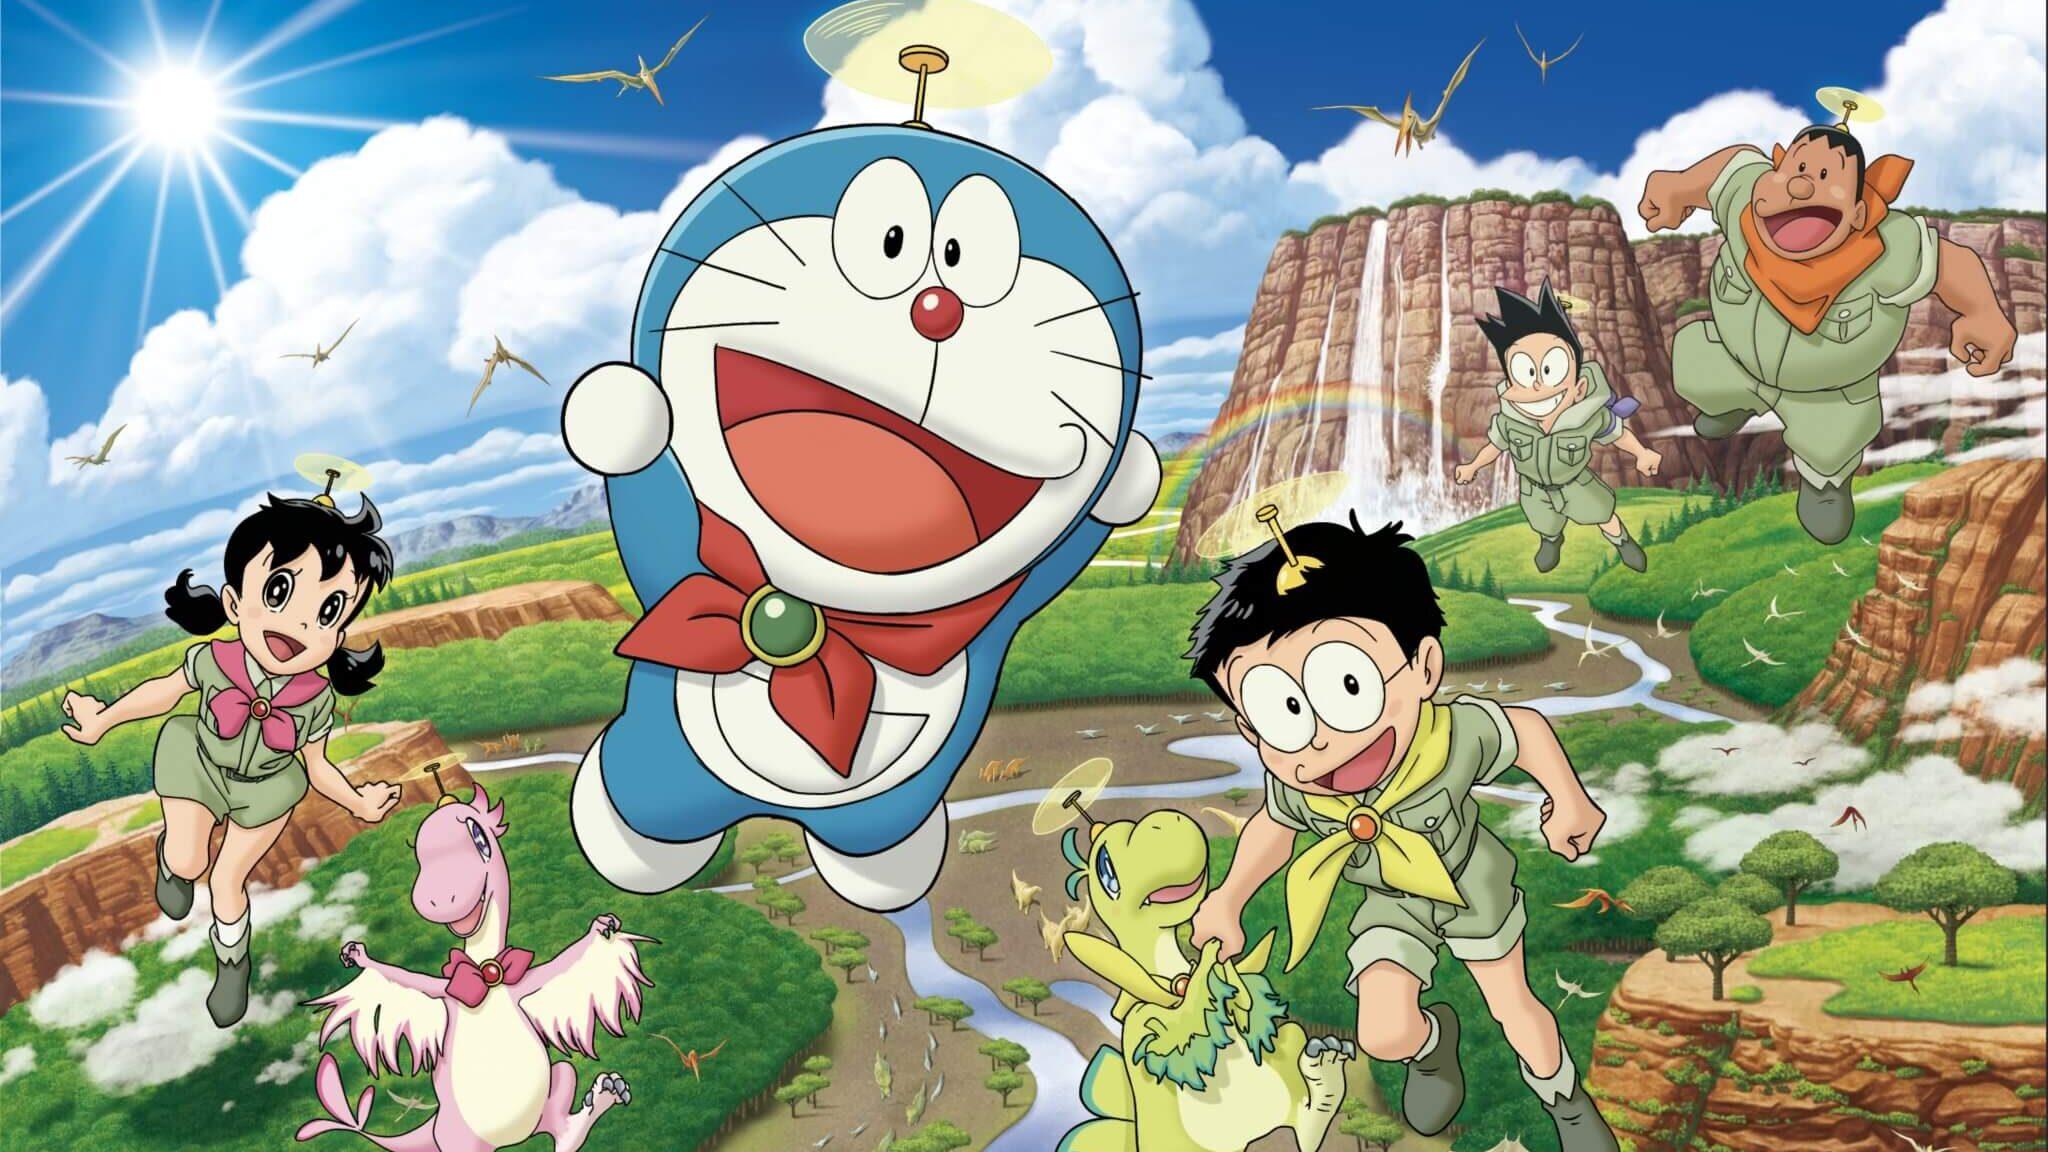 Phim Doraemon: Nobita Và Những Bạn Khủng Long Mới